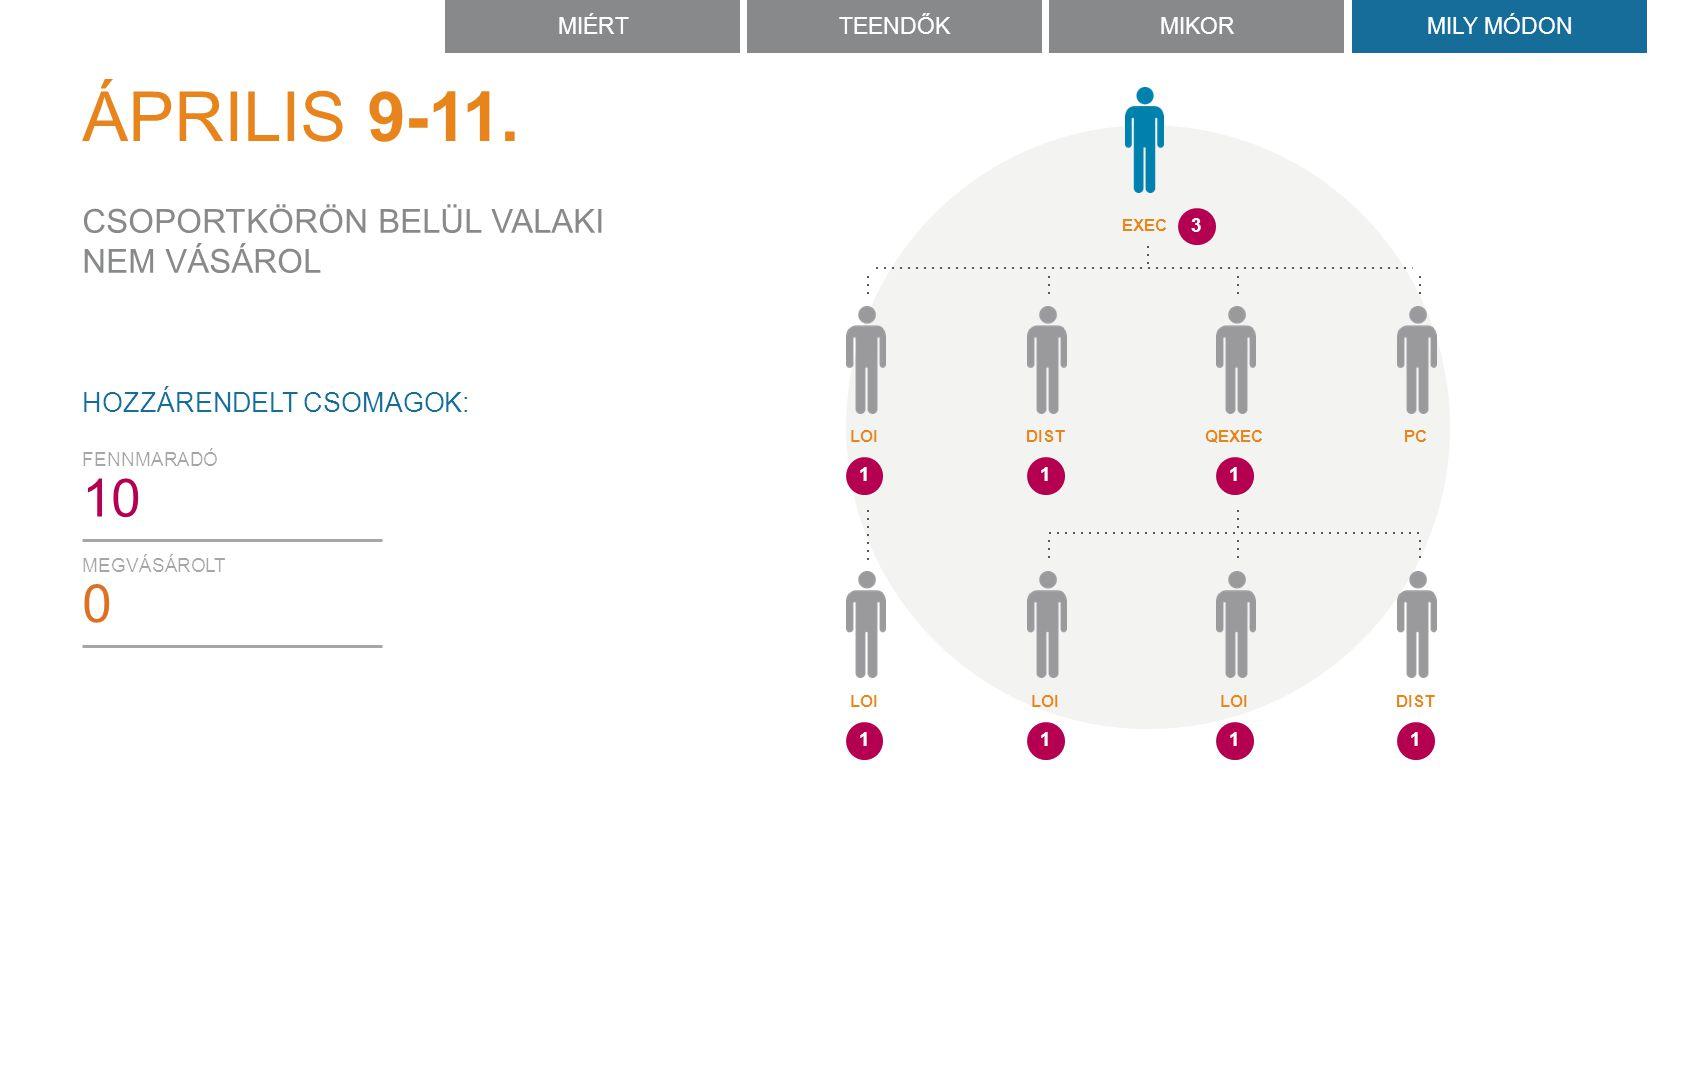 MEGVÁSÁROLT 0 FENNMARADÓ 10 HOZZÁRENDELT CSOMAGOK: CSOPORTKÖRÖN BELÜL VALAKI NEM VÁSÁROL MIÉRTTEENDŐKMIKORMILY MÓDON ÁPRILIS 9-11.